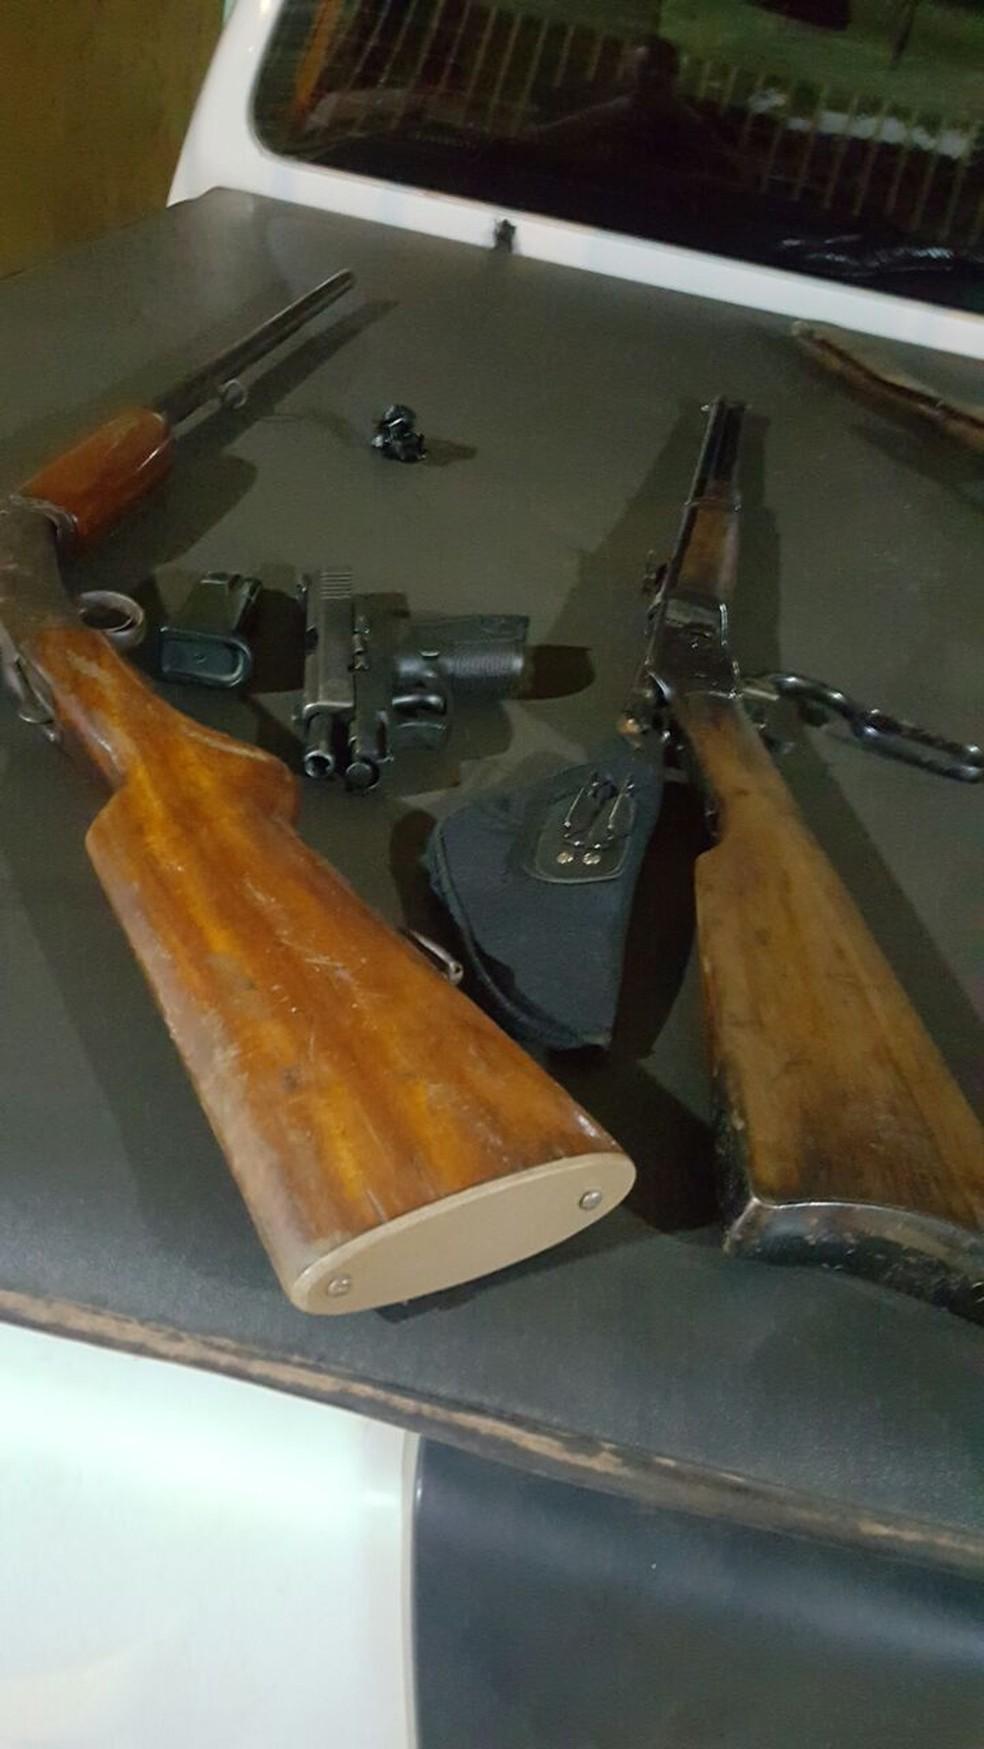 Pistola e espingardas apreendidas por grupo que furtava celulares (Foto: Polícia Civil/Divulgação)